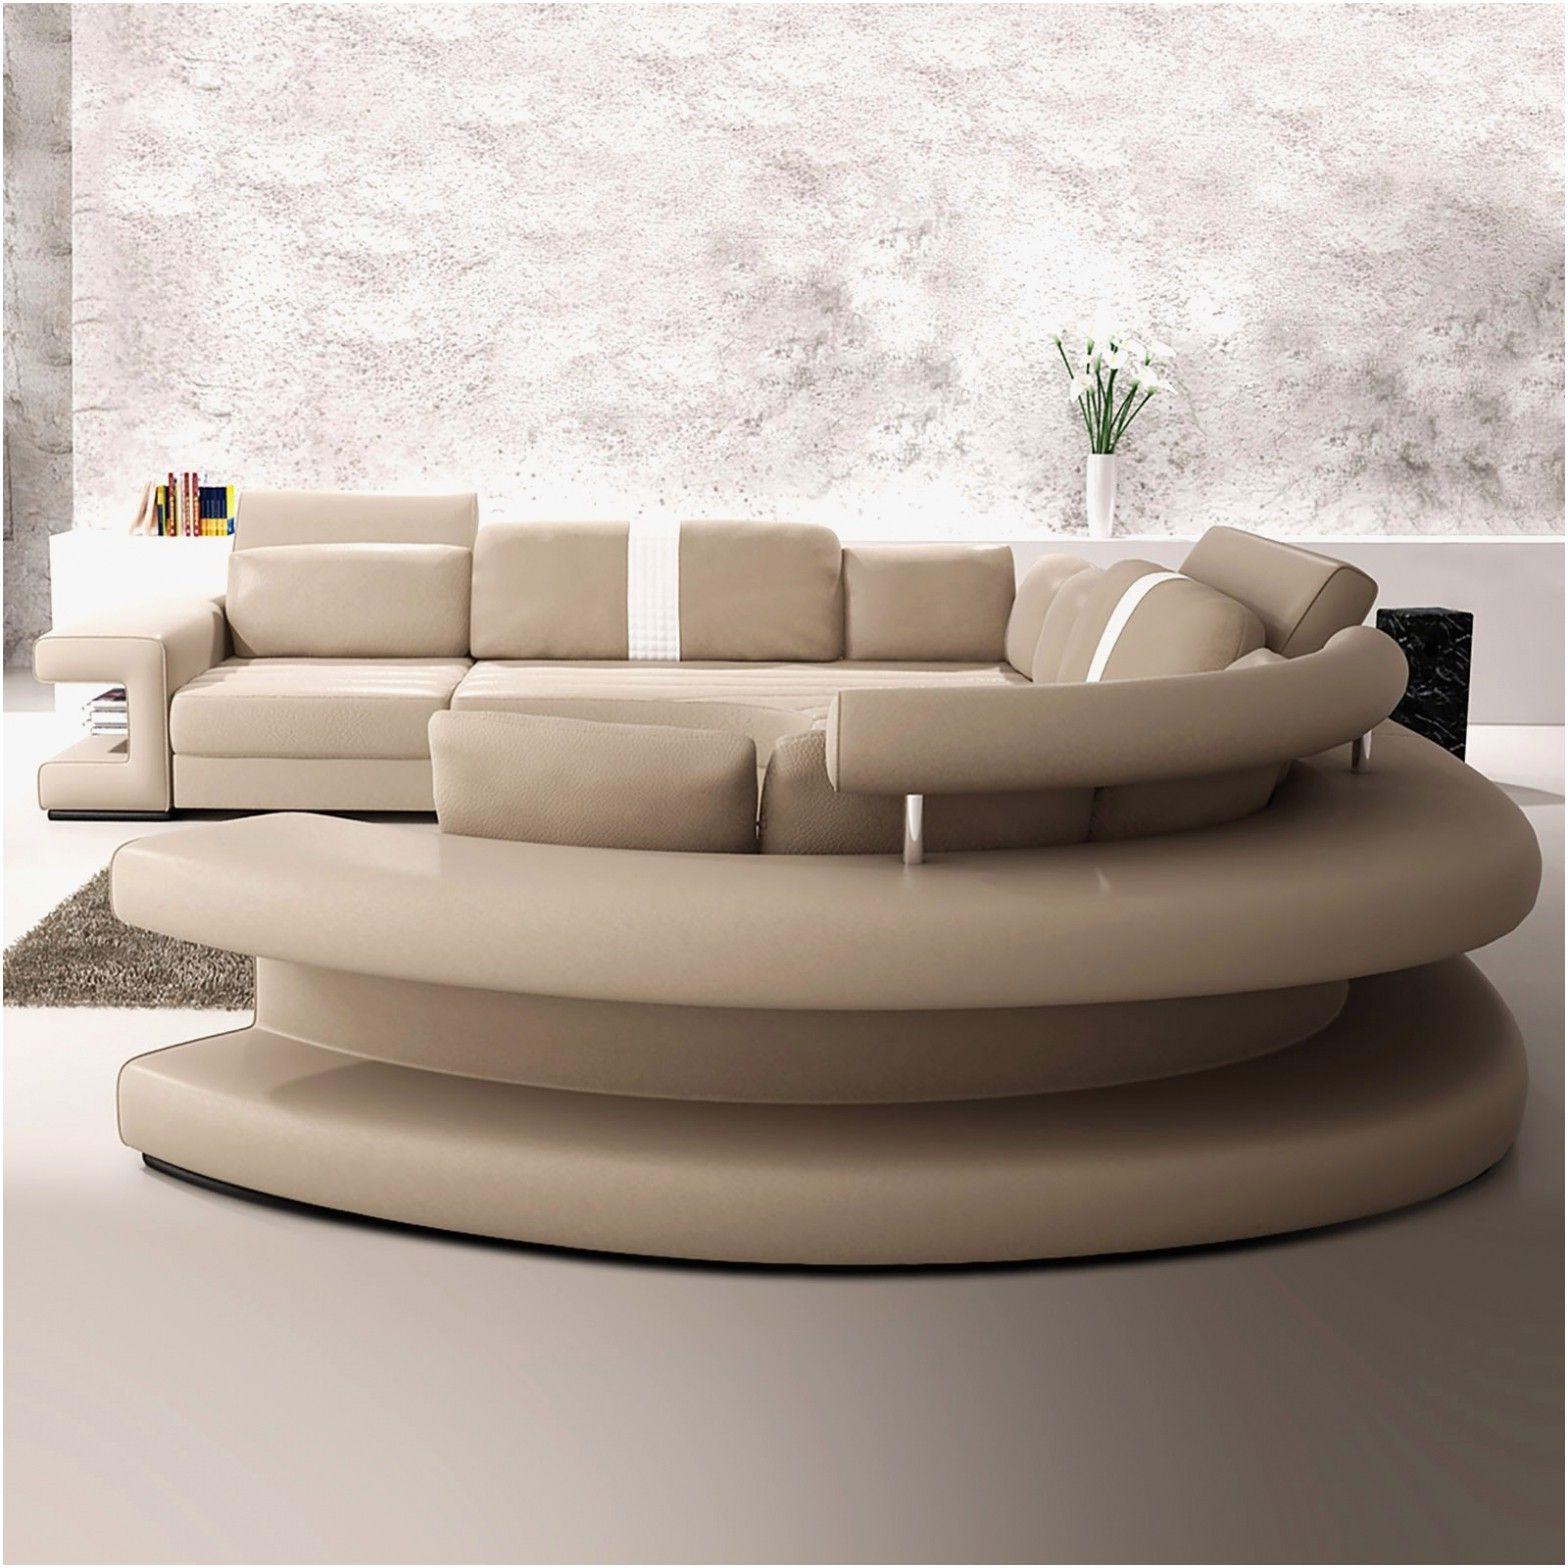 Full Size of Sofa Günstig Kaufen Sitzsack Antikes Polyrattan Schüco Fenster Xxl U Form Polster Garnitur 3 Teilig Ohne Lehne Reinigen Sofa Sofa Günstig Kaufen